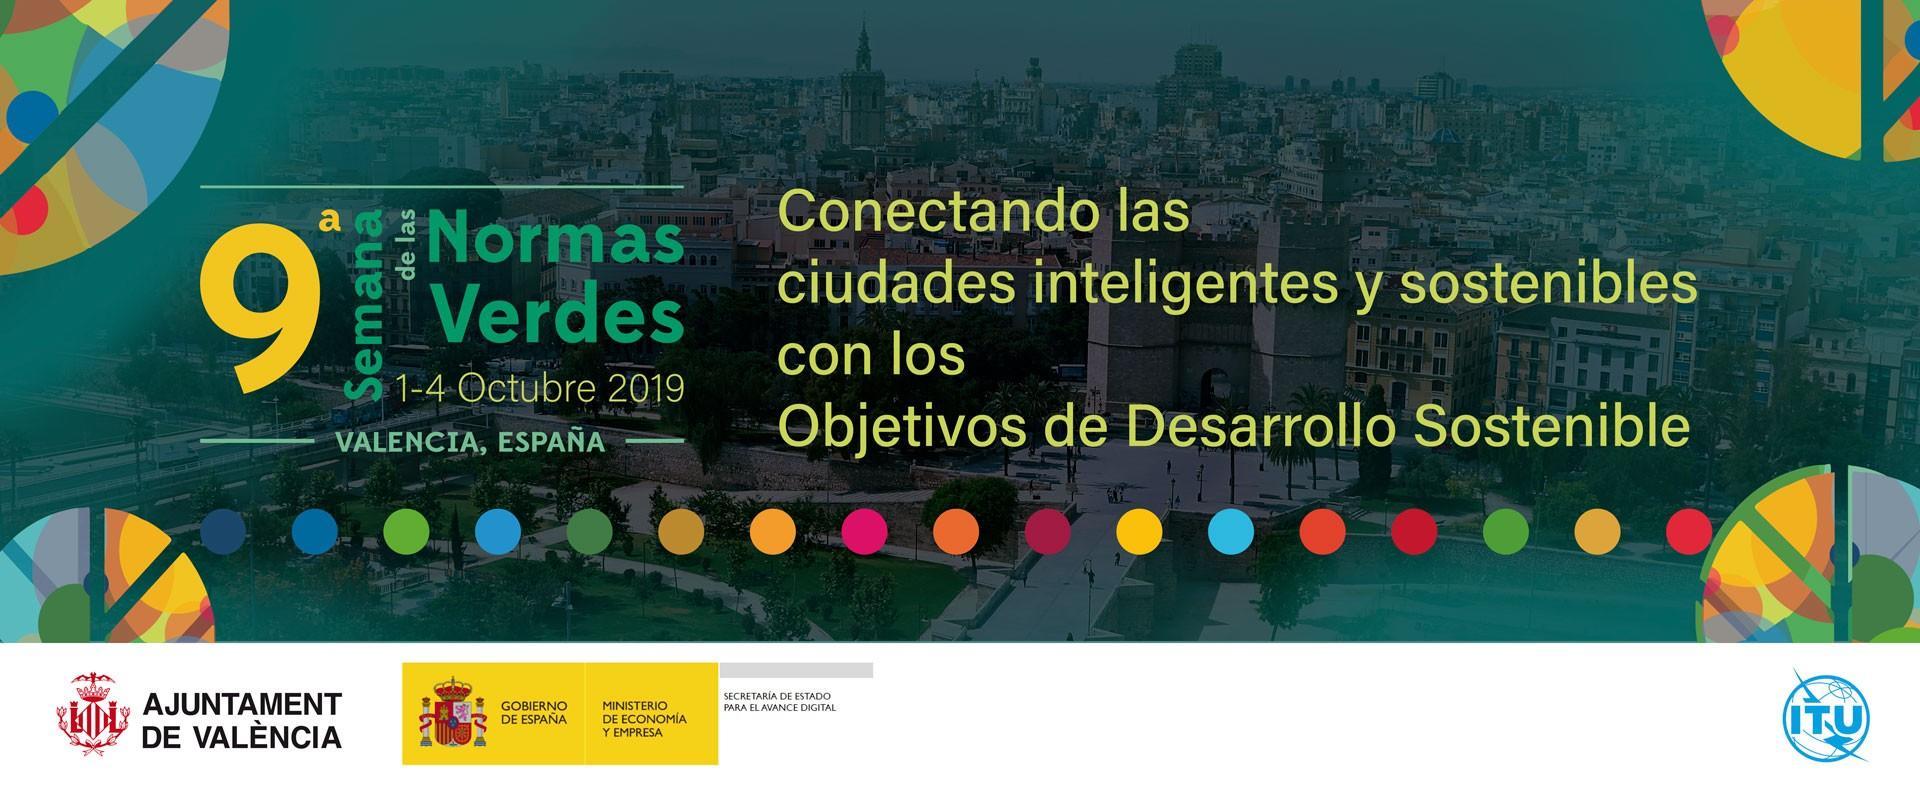 Cartel para la Semana de las Normas Verdes, Ayutamiento de Valencia, 2019